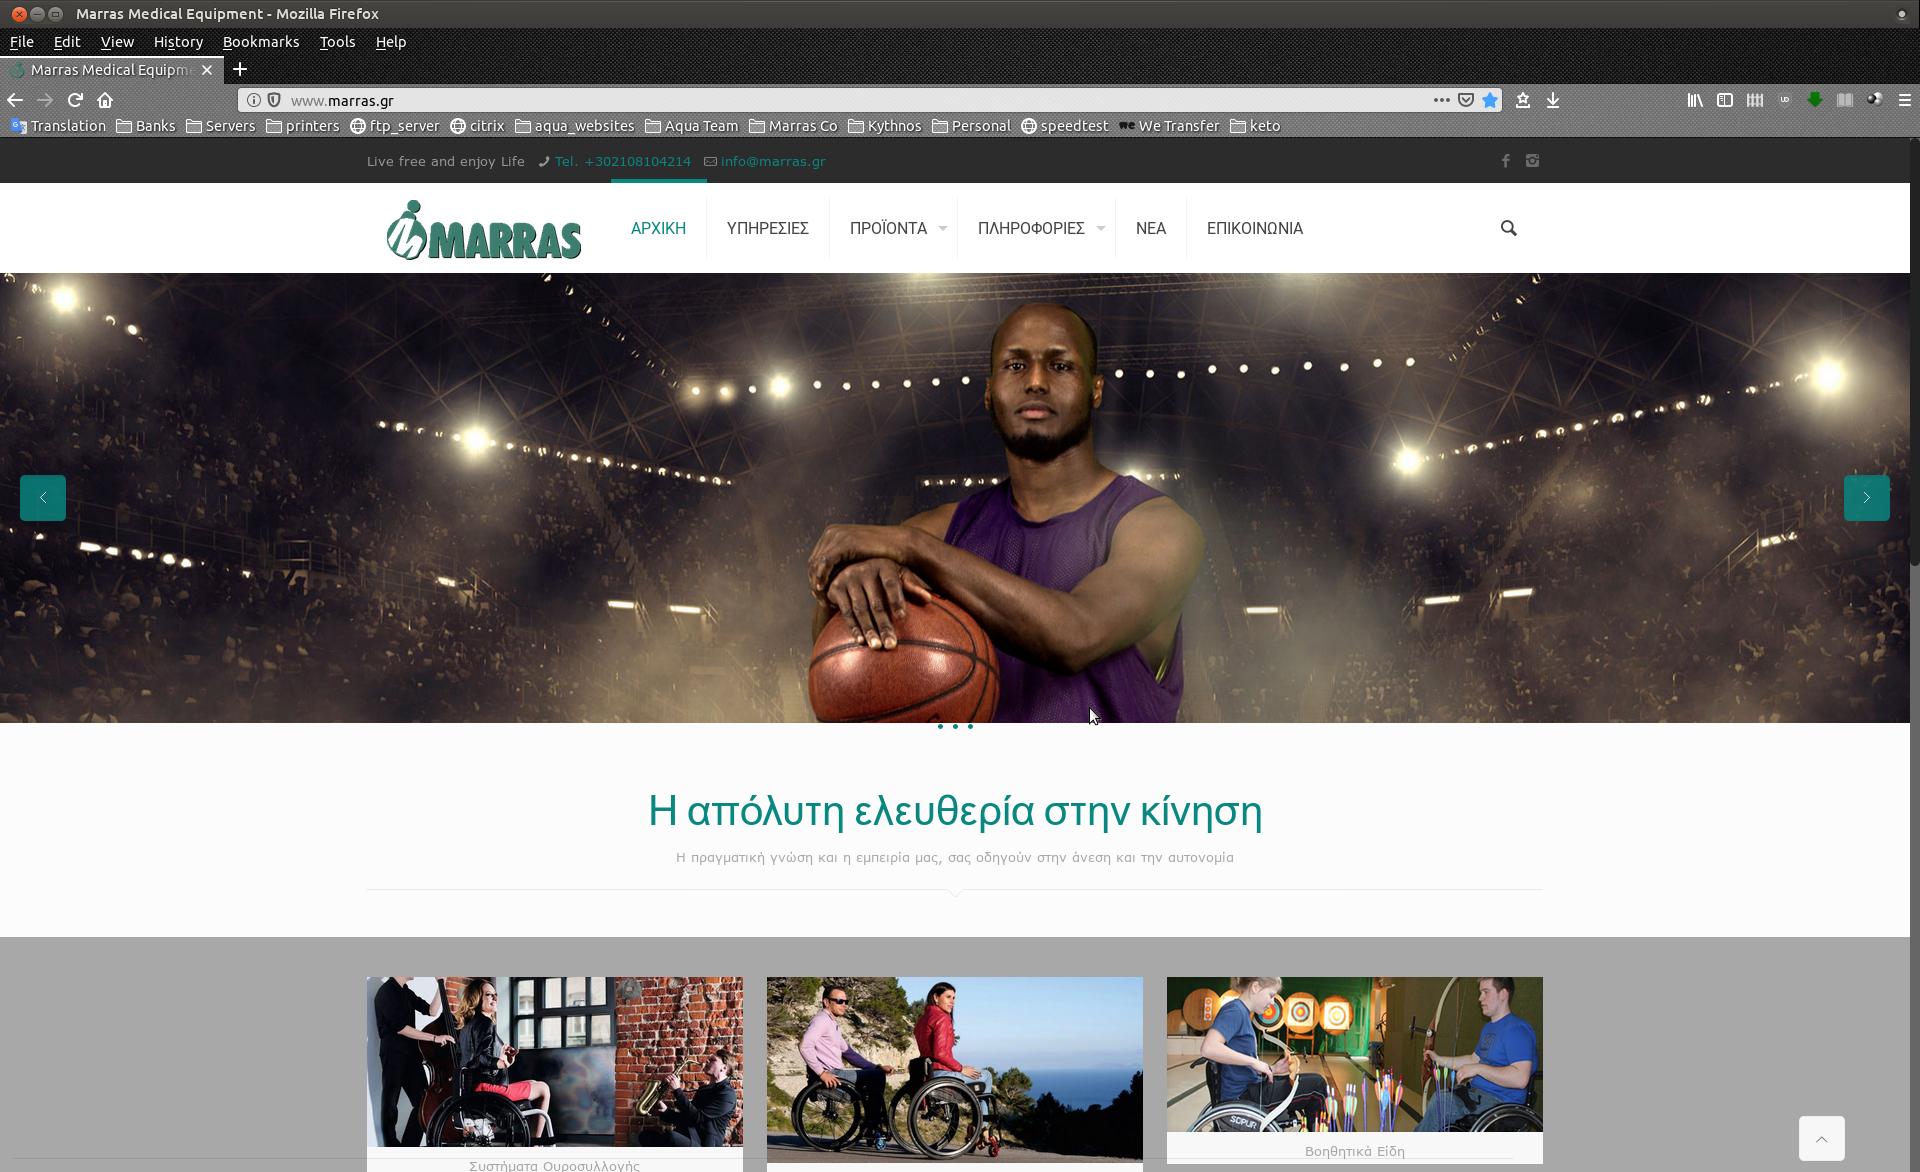 Νέες Ιστοσελίδες